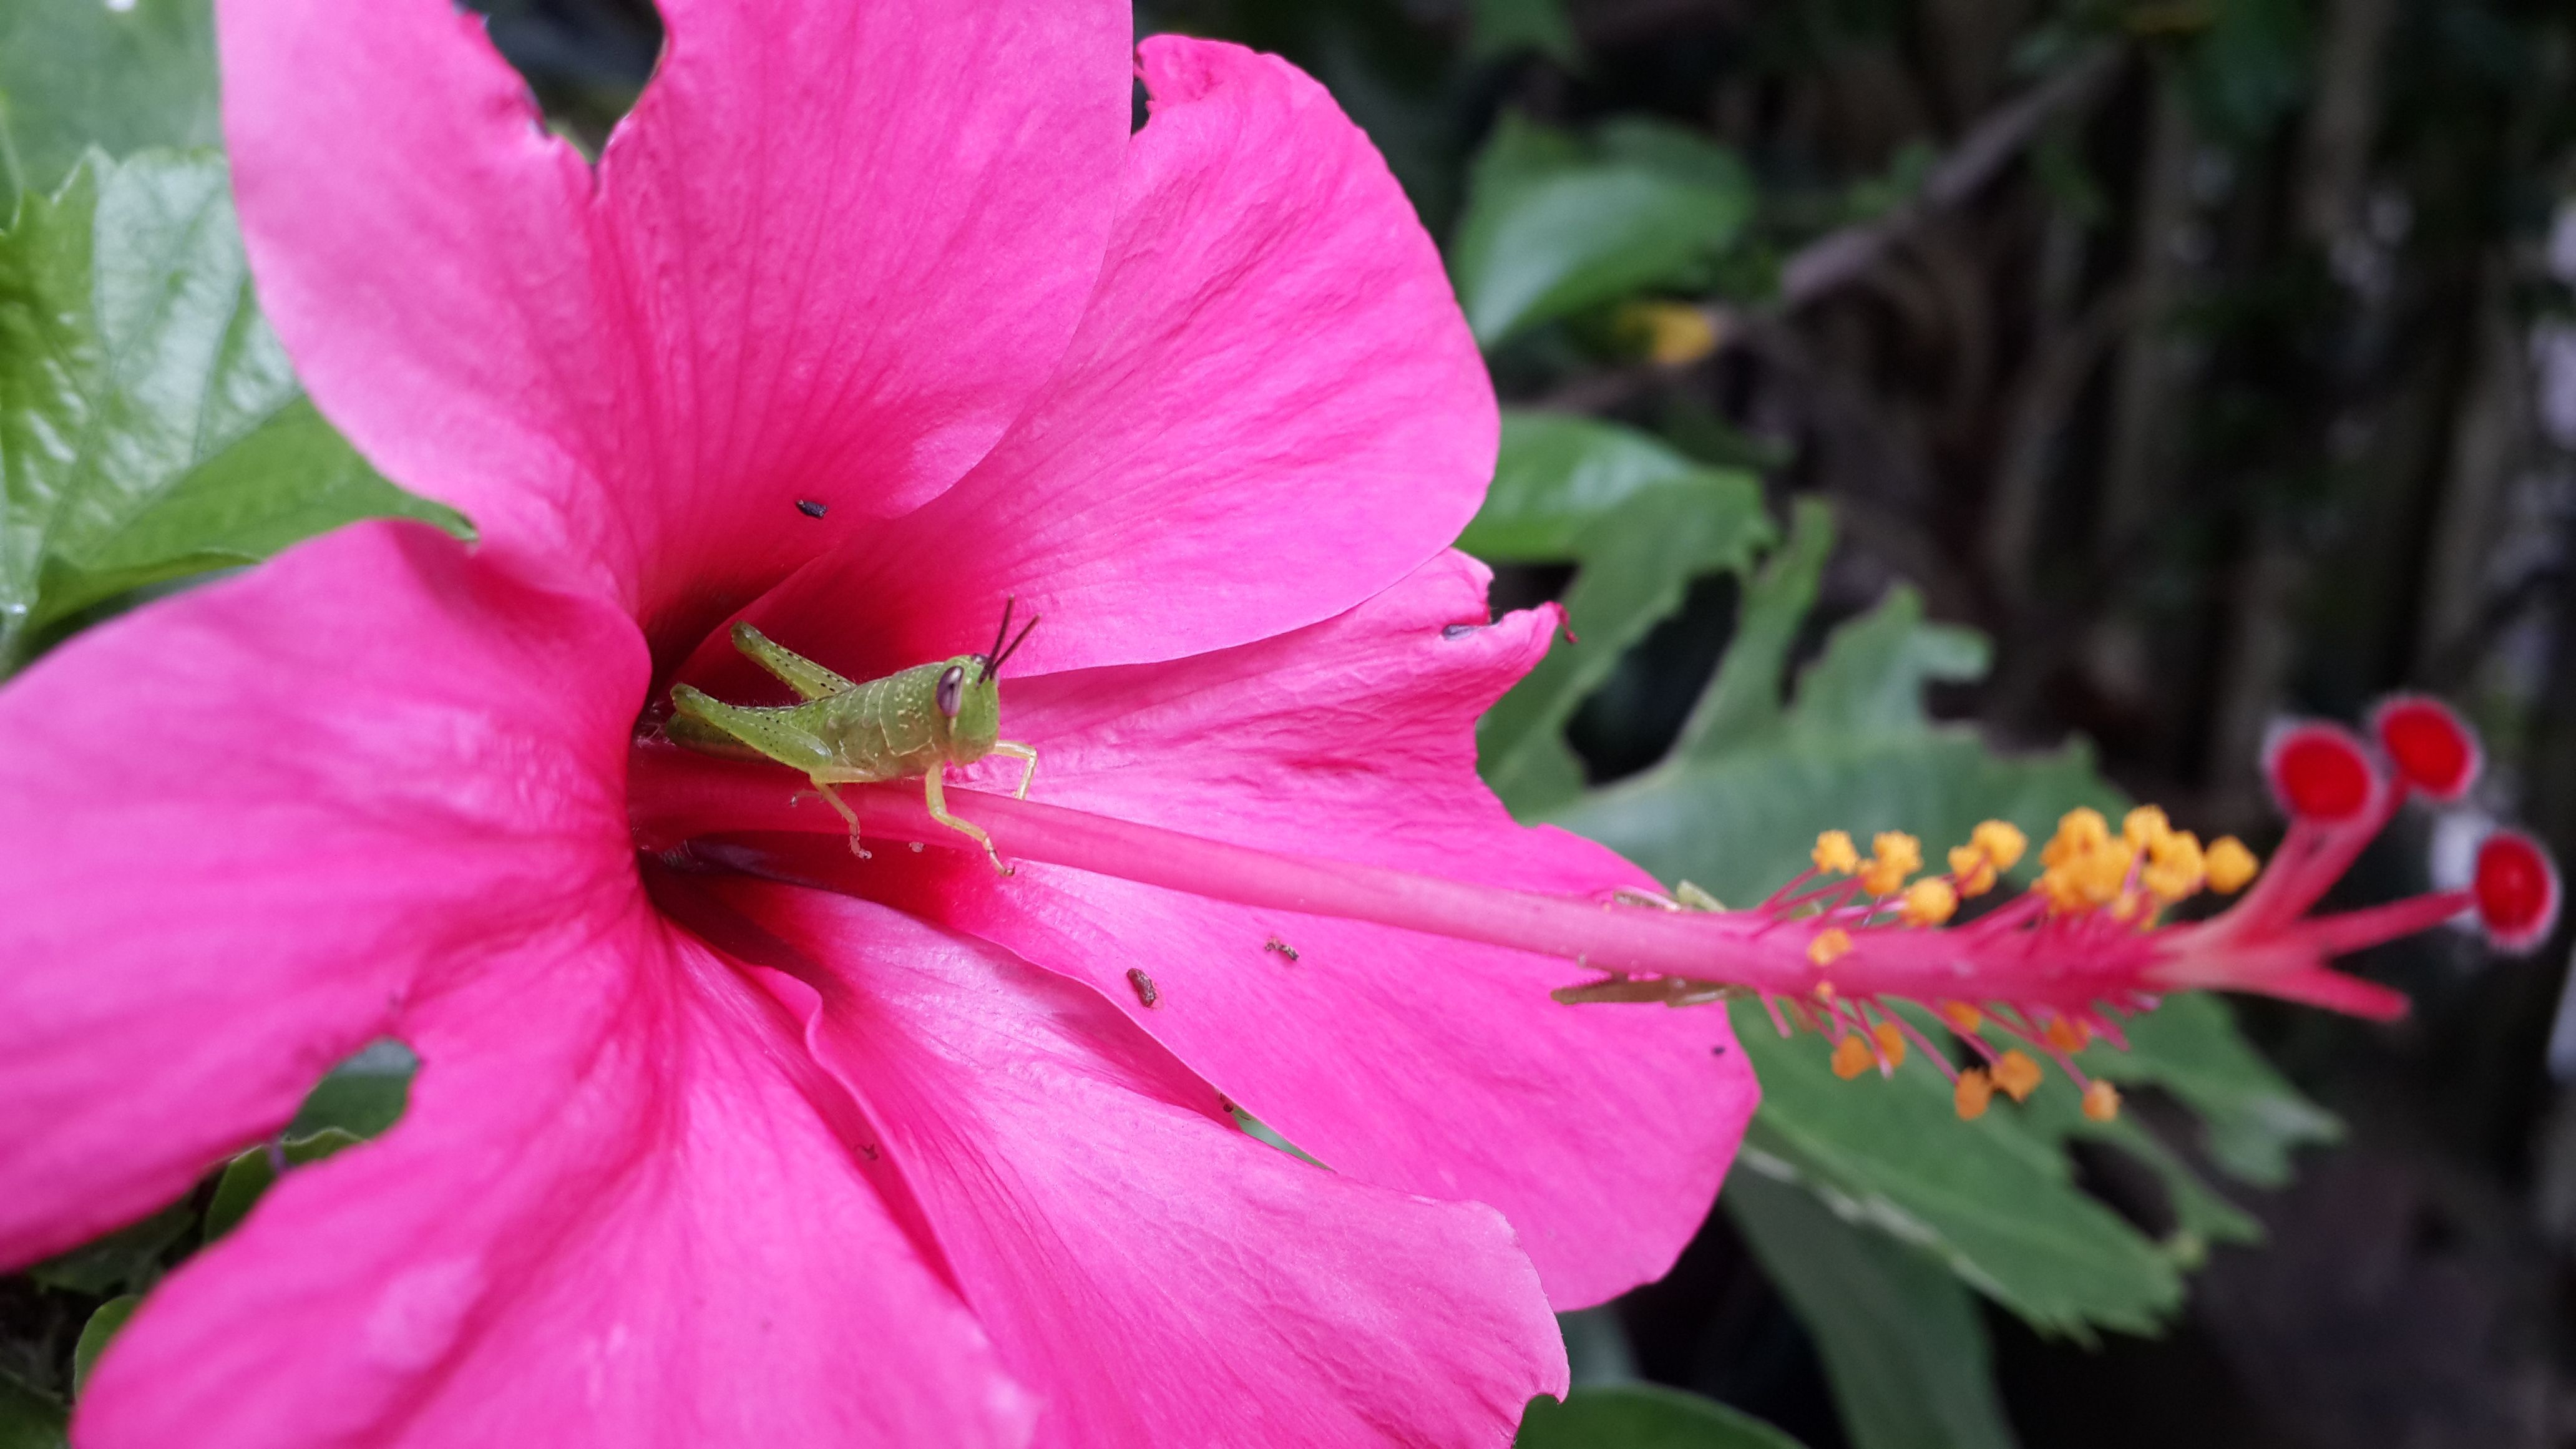 Gambar Setangkai Bunga Kembang Sepatu Newer Post Older Post Home Disini Ada Beberapa Wallpaper Bunga Berwarna Mer Di 2020 Kembang Sepatu Bunga Kembang Sepatu Bunga